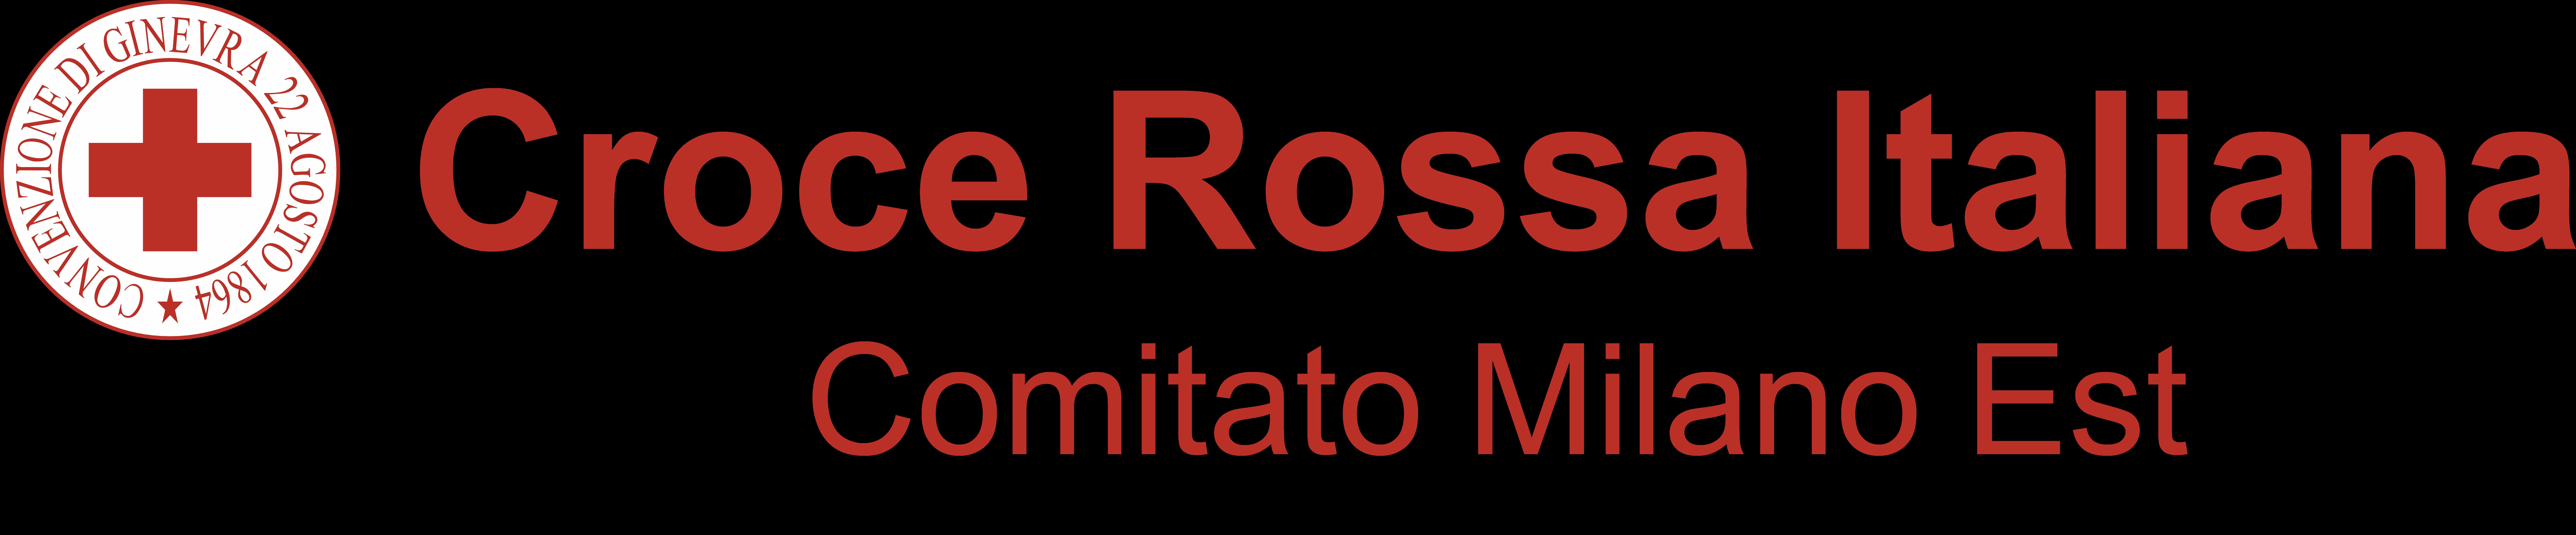 Croce Rossa Italiana Comitato di Milano EST